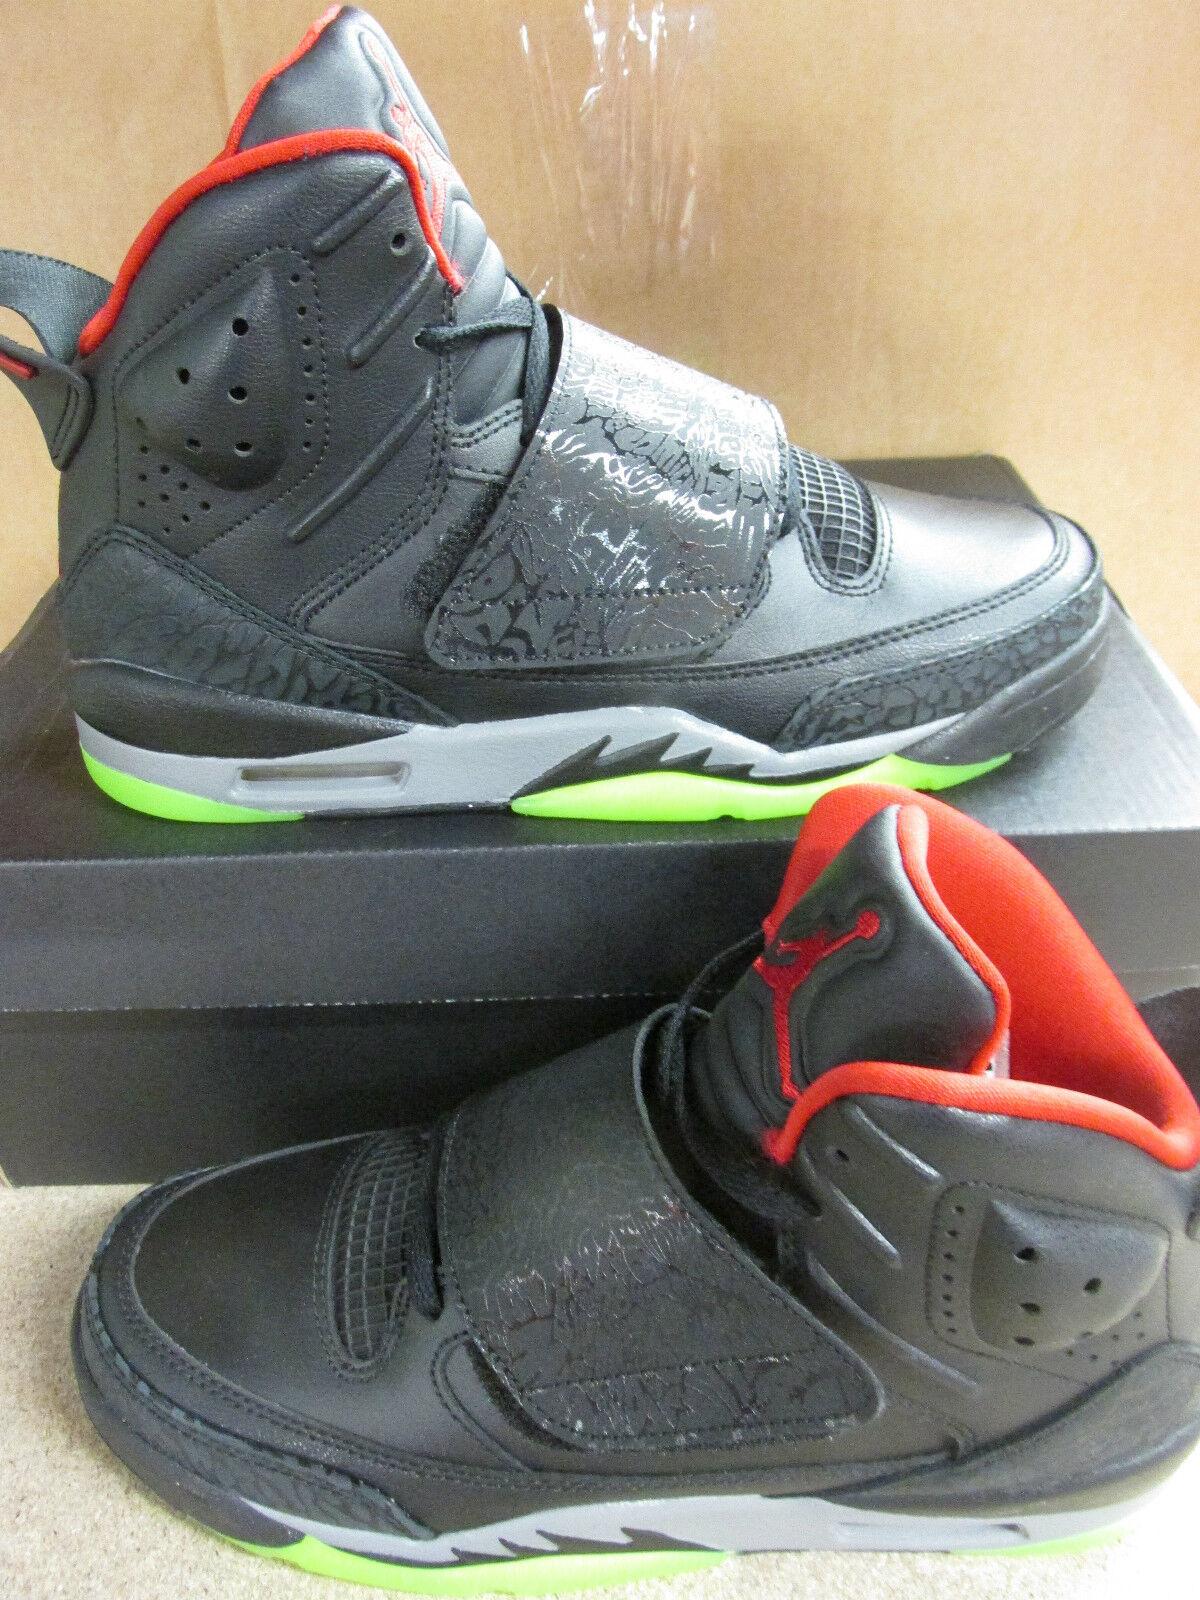 Nike Air Jordan Son Of Bg 006 Baskets Baskets Montantes 512246 006 Bg 3c3096